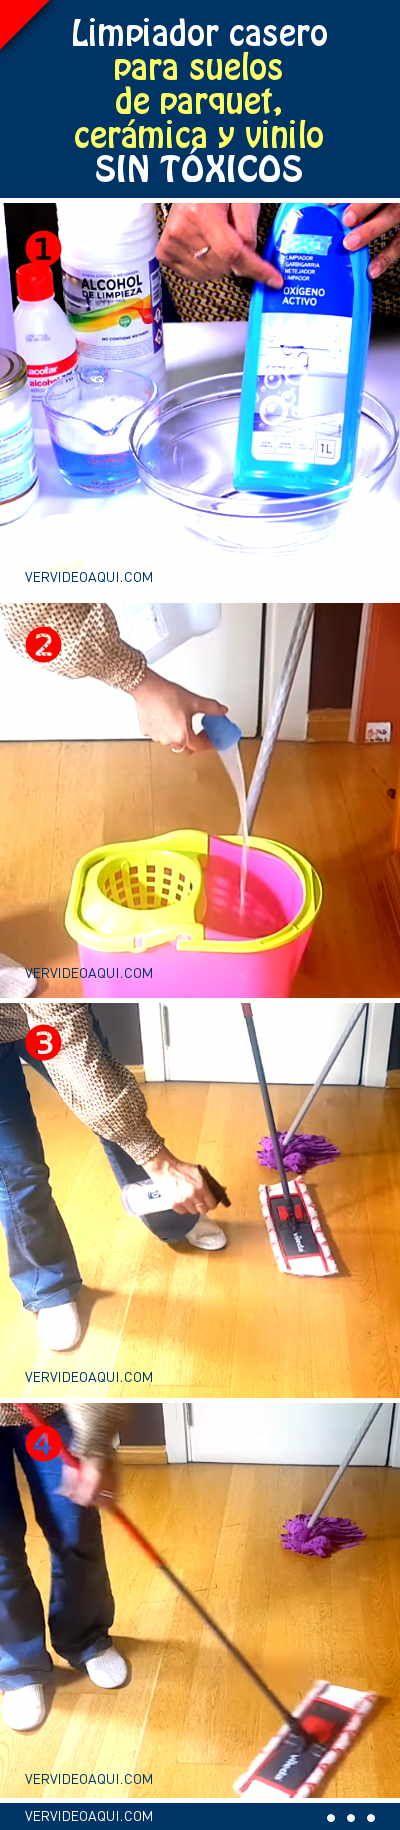 Limpiador casero para suelos de parquet, cerámica y vinilo. SIN TÓXICOS